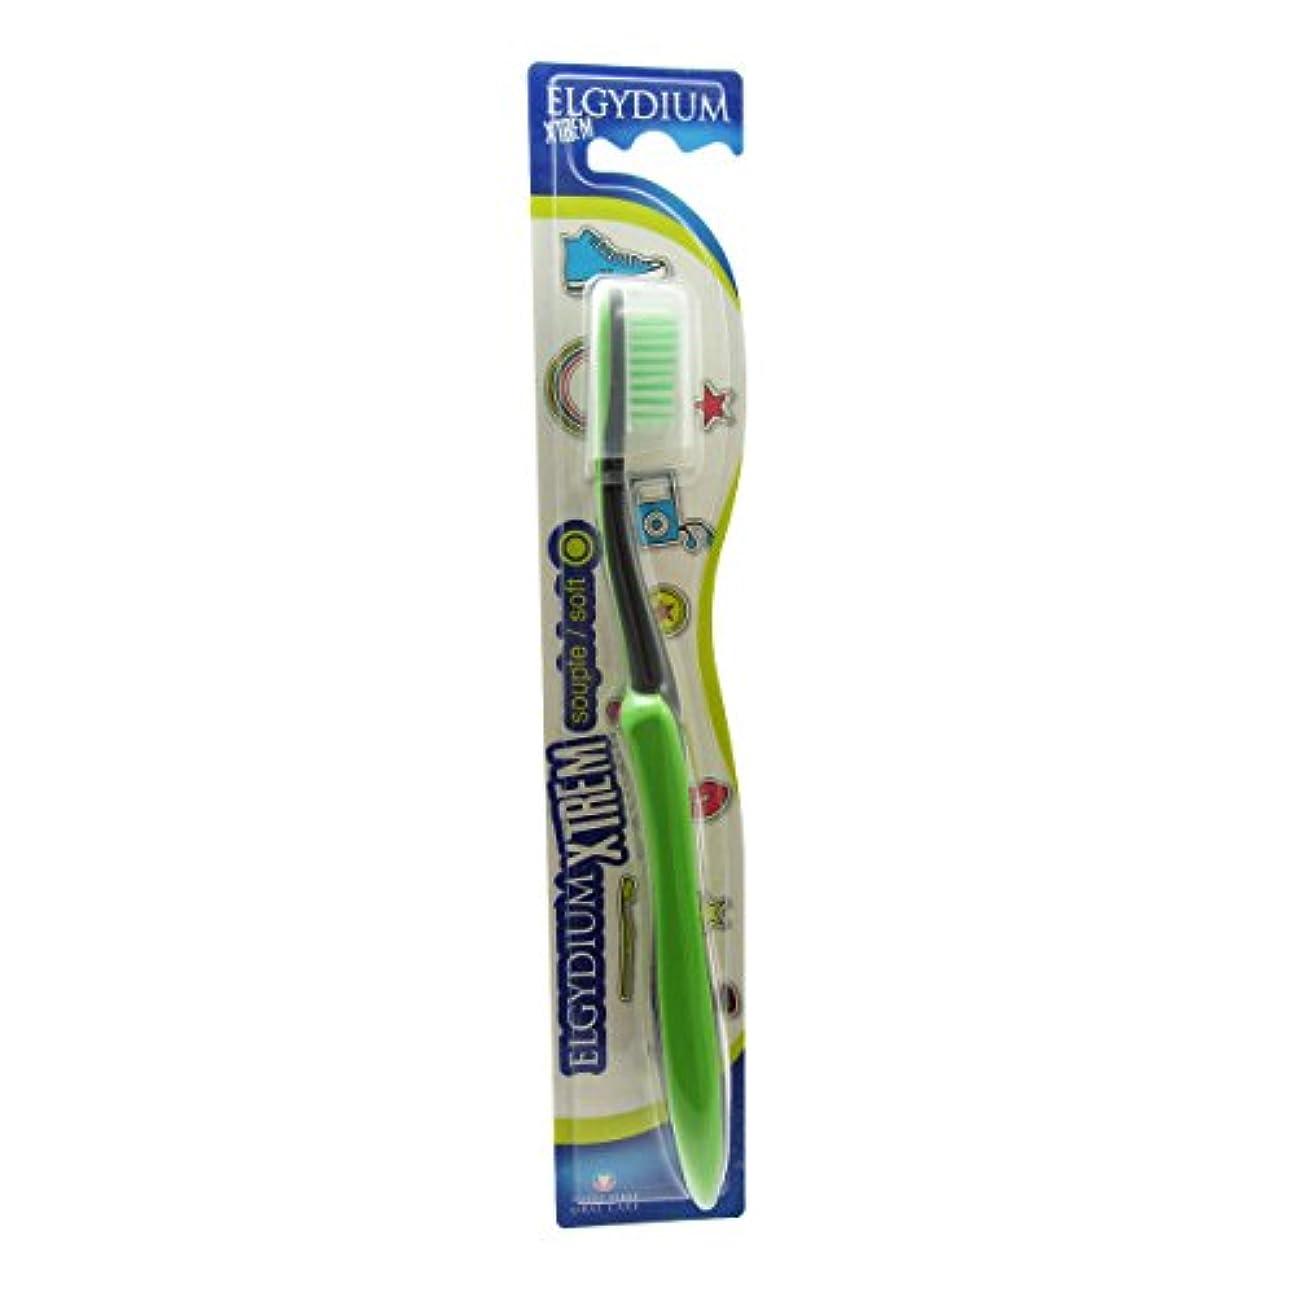 奇跡的な無し可能性Elgydium Xtrem Toothbrush Soft Hardness [並行輸入品]